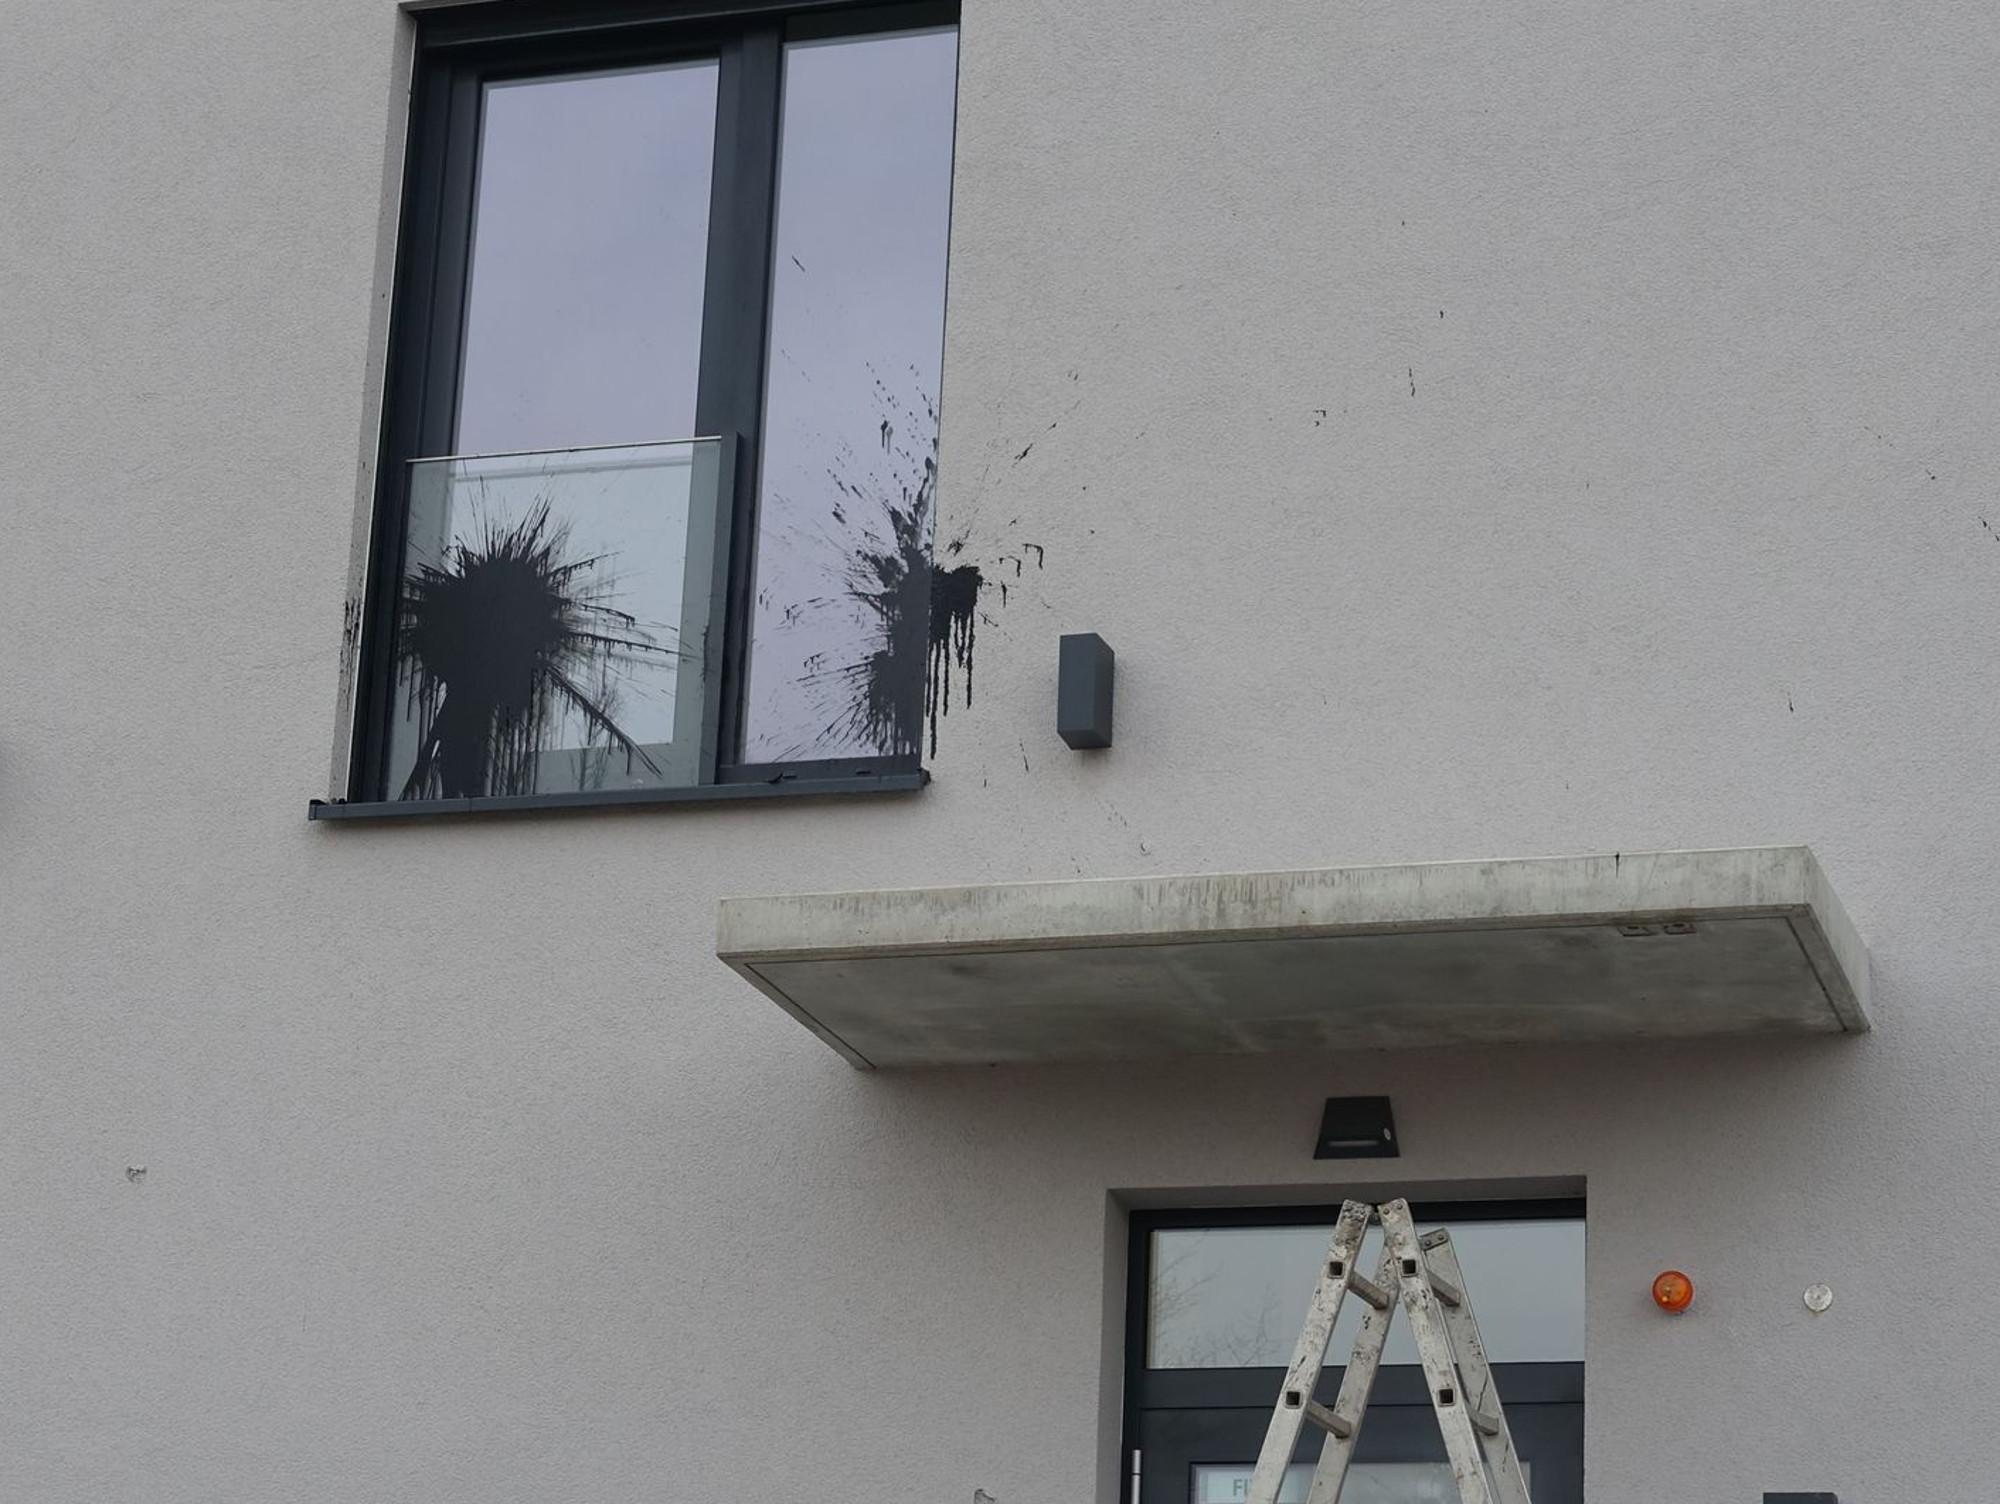 Arcotel Hafencity Anschlag Fenster